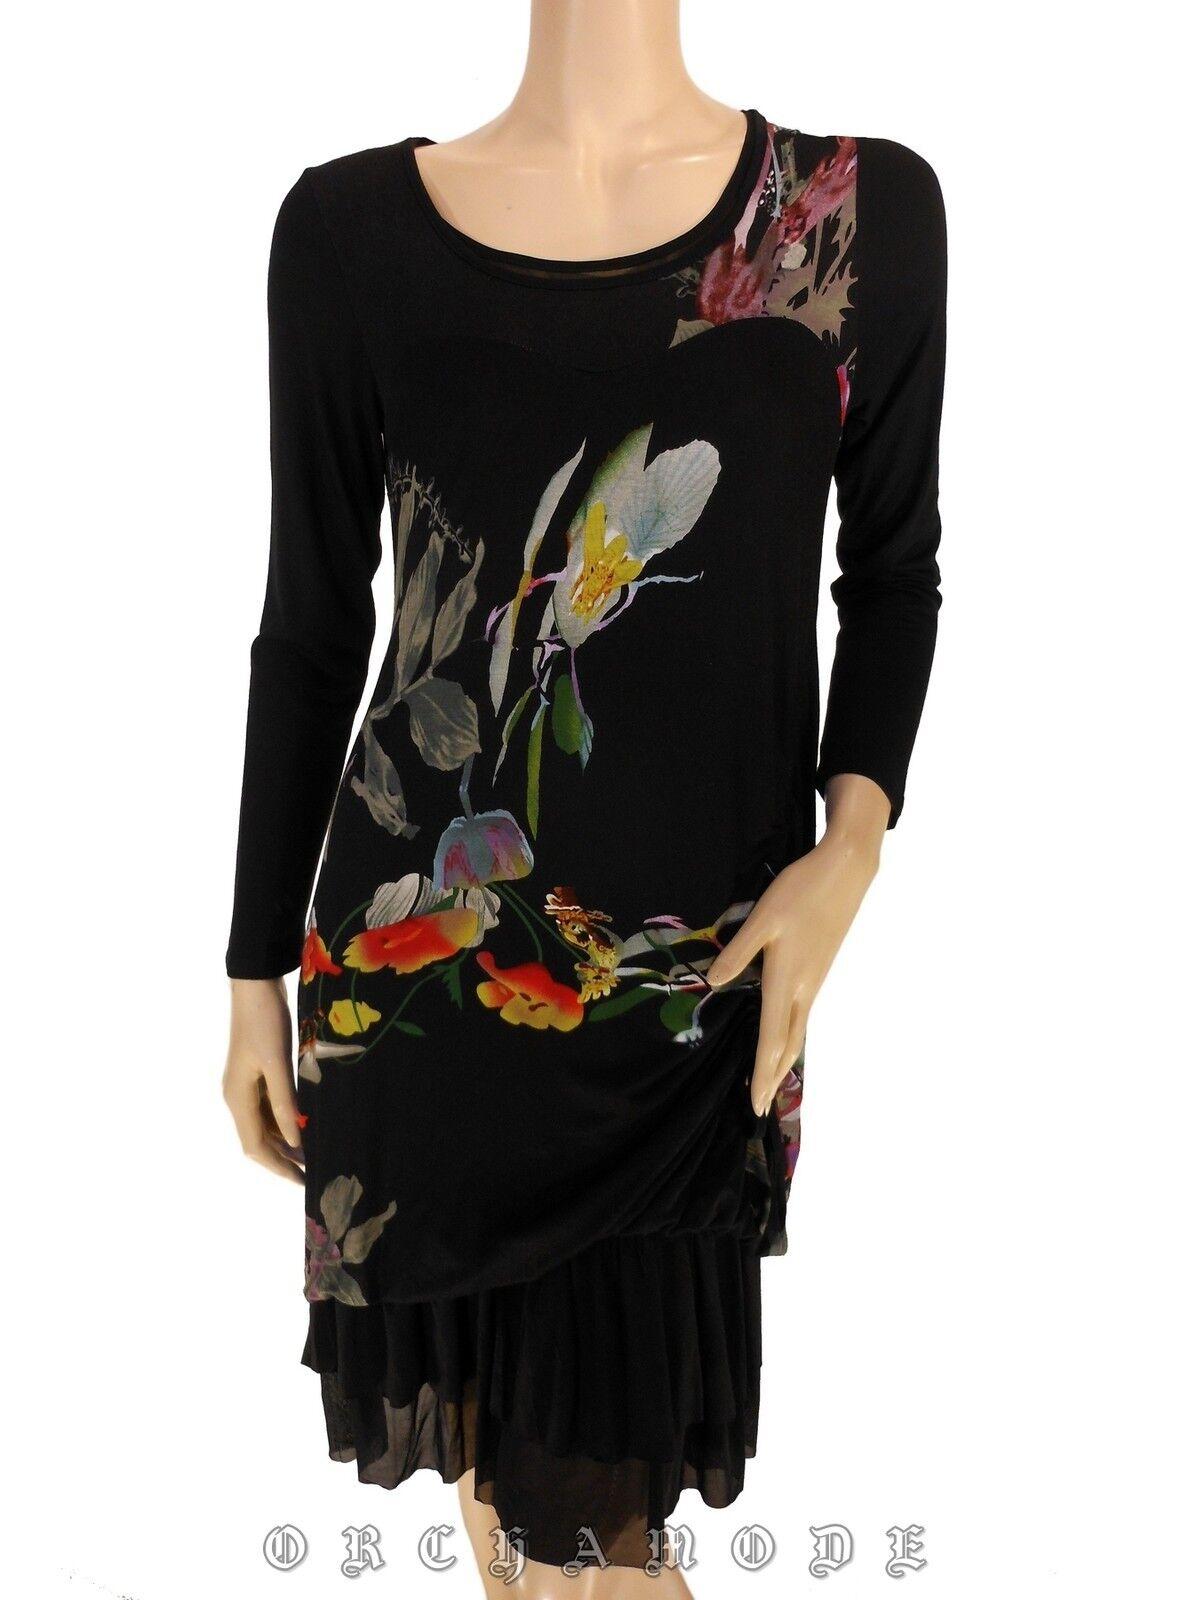 Robe ELLEA T 38 M 2 schwarz Floral Volants Fluide Tunique NEUF Dress Kleid Abido